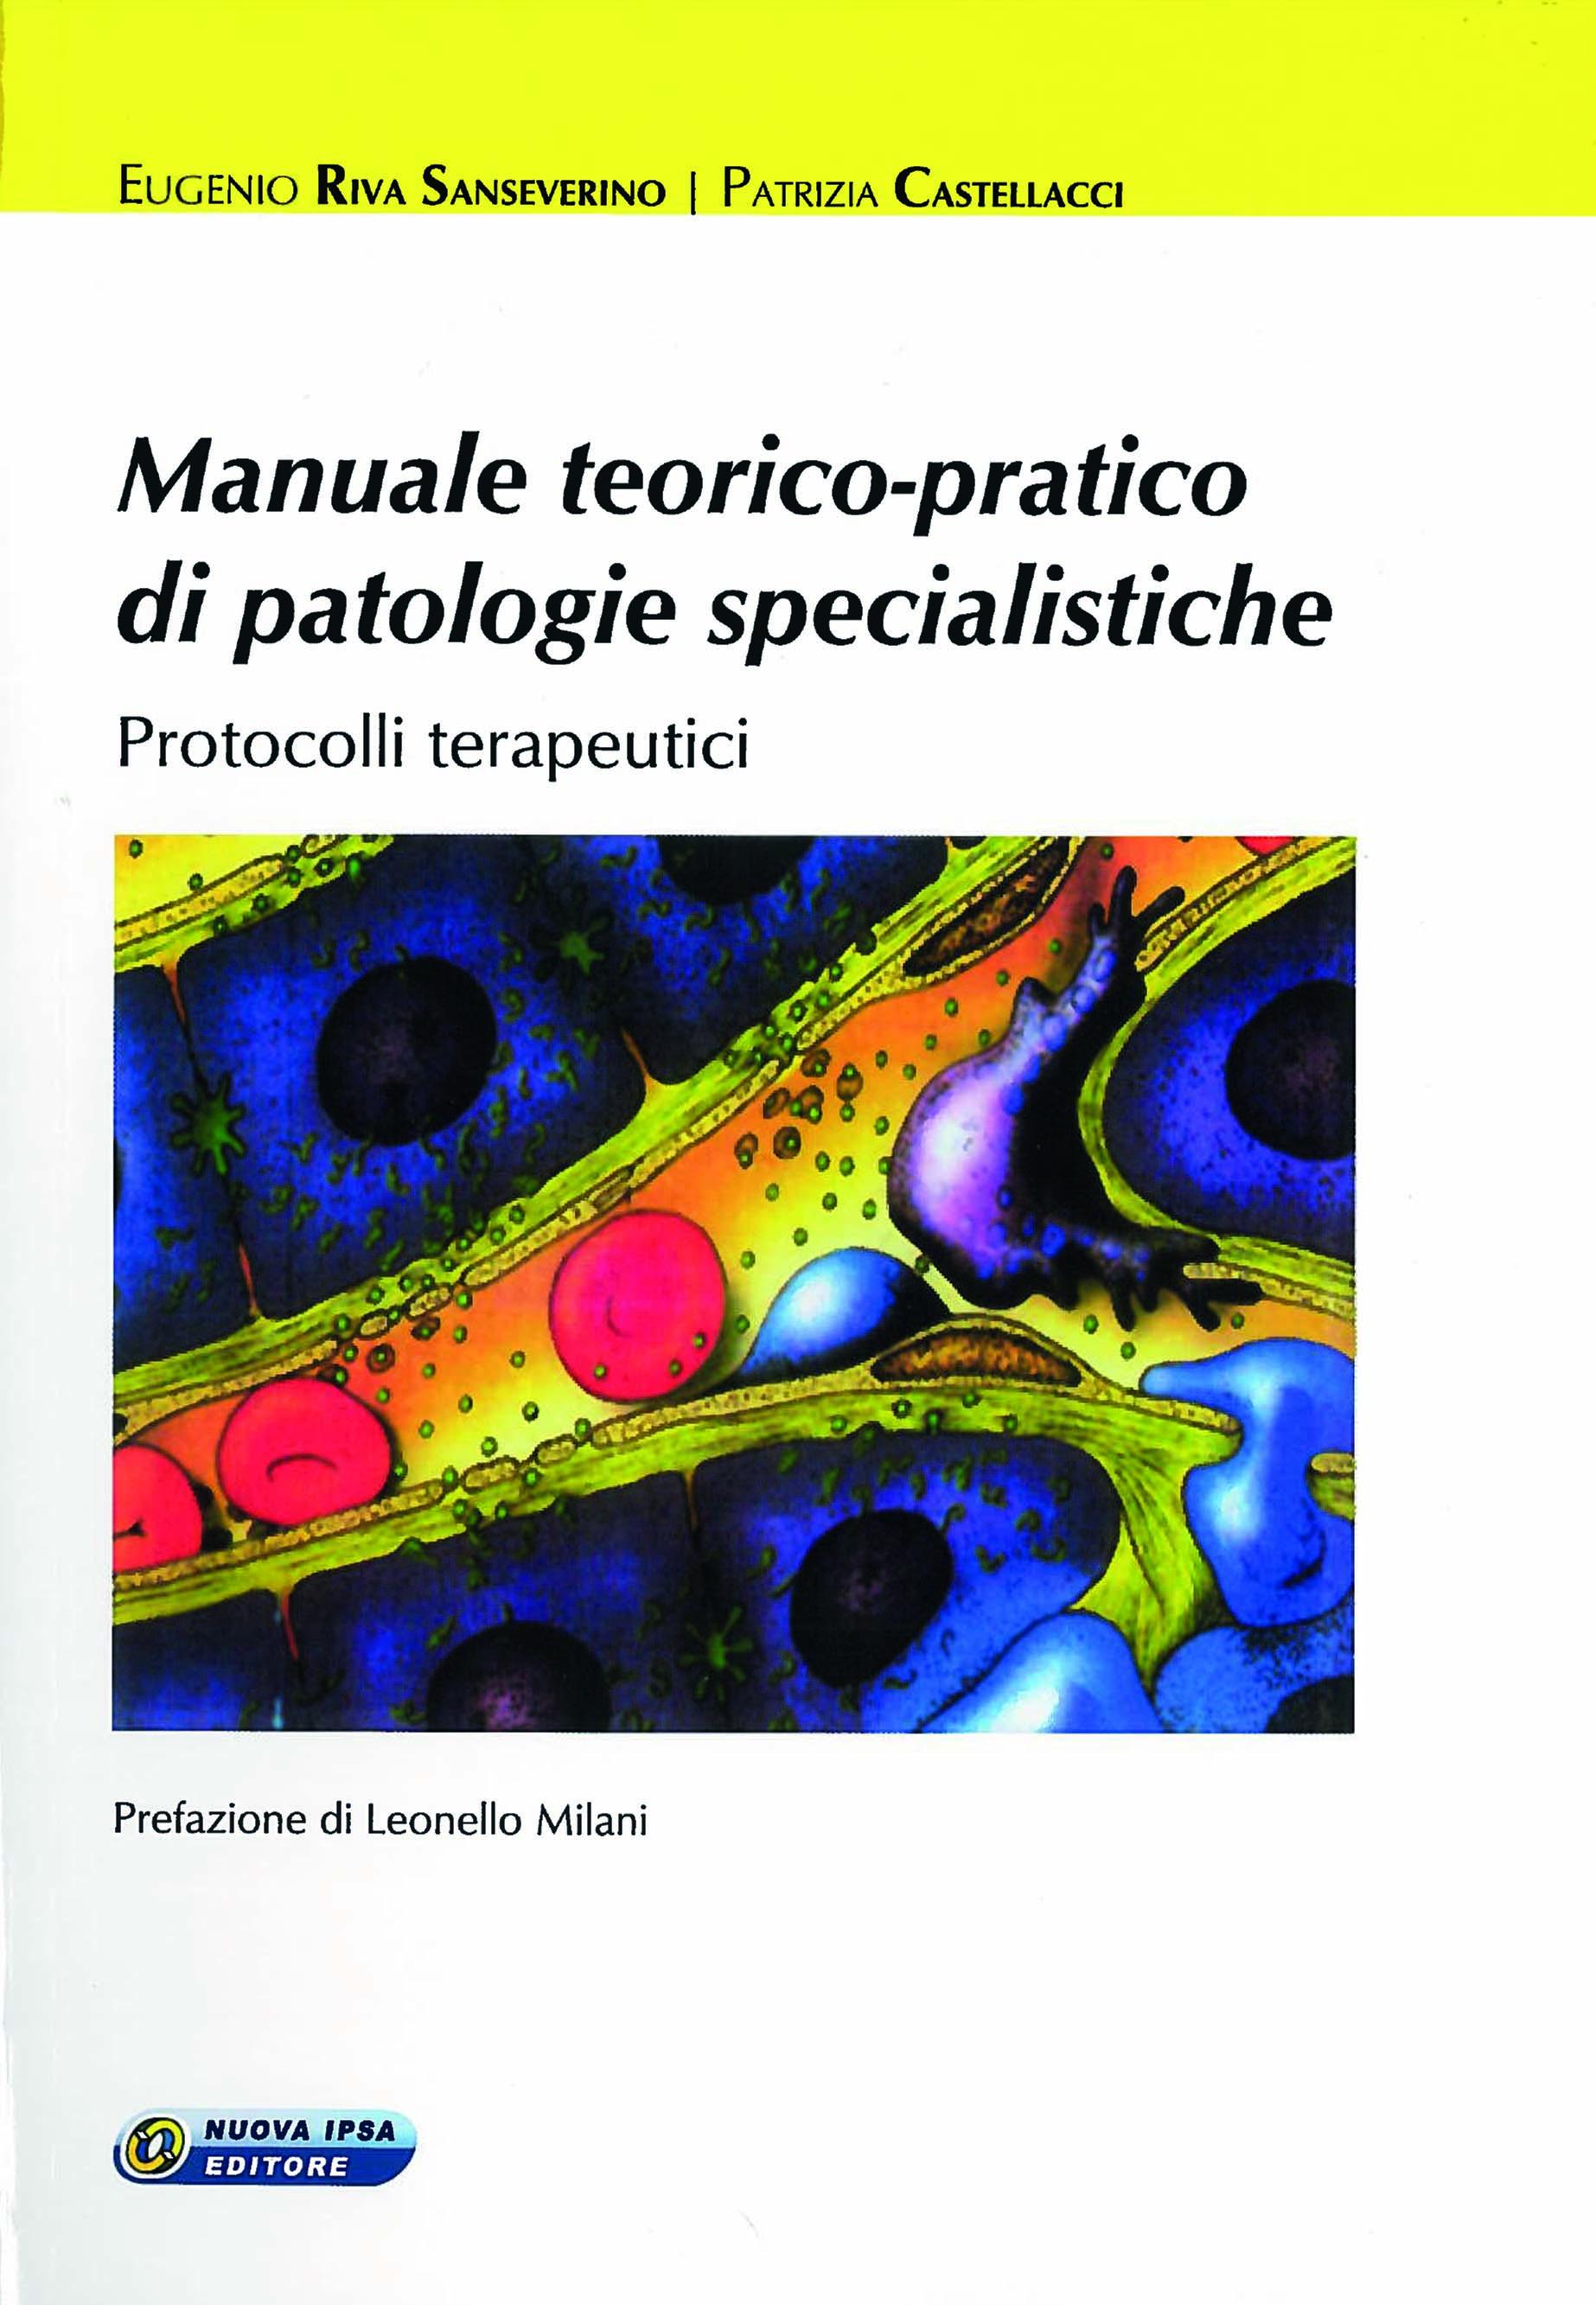 Manuale teorico-pratico di patologie specialistiche